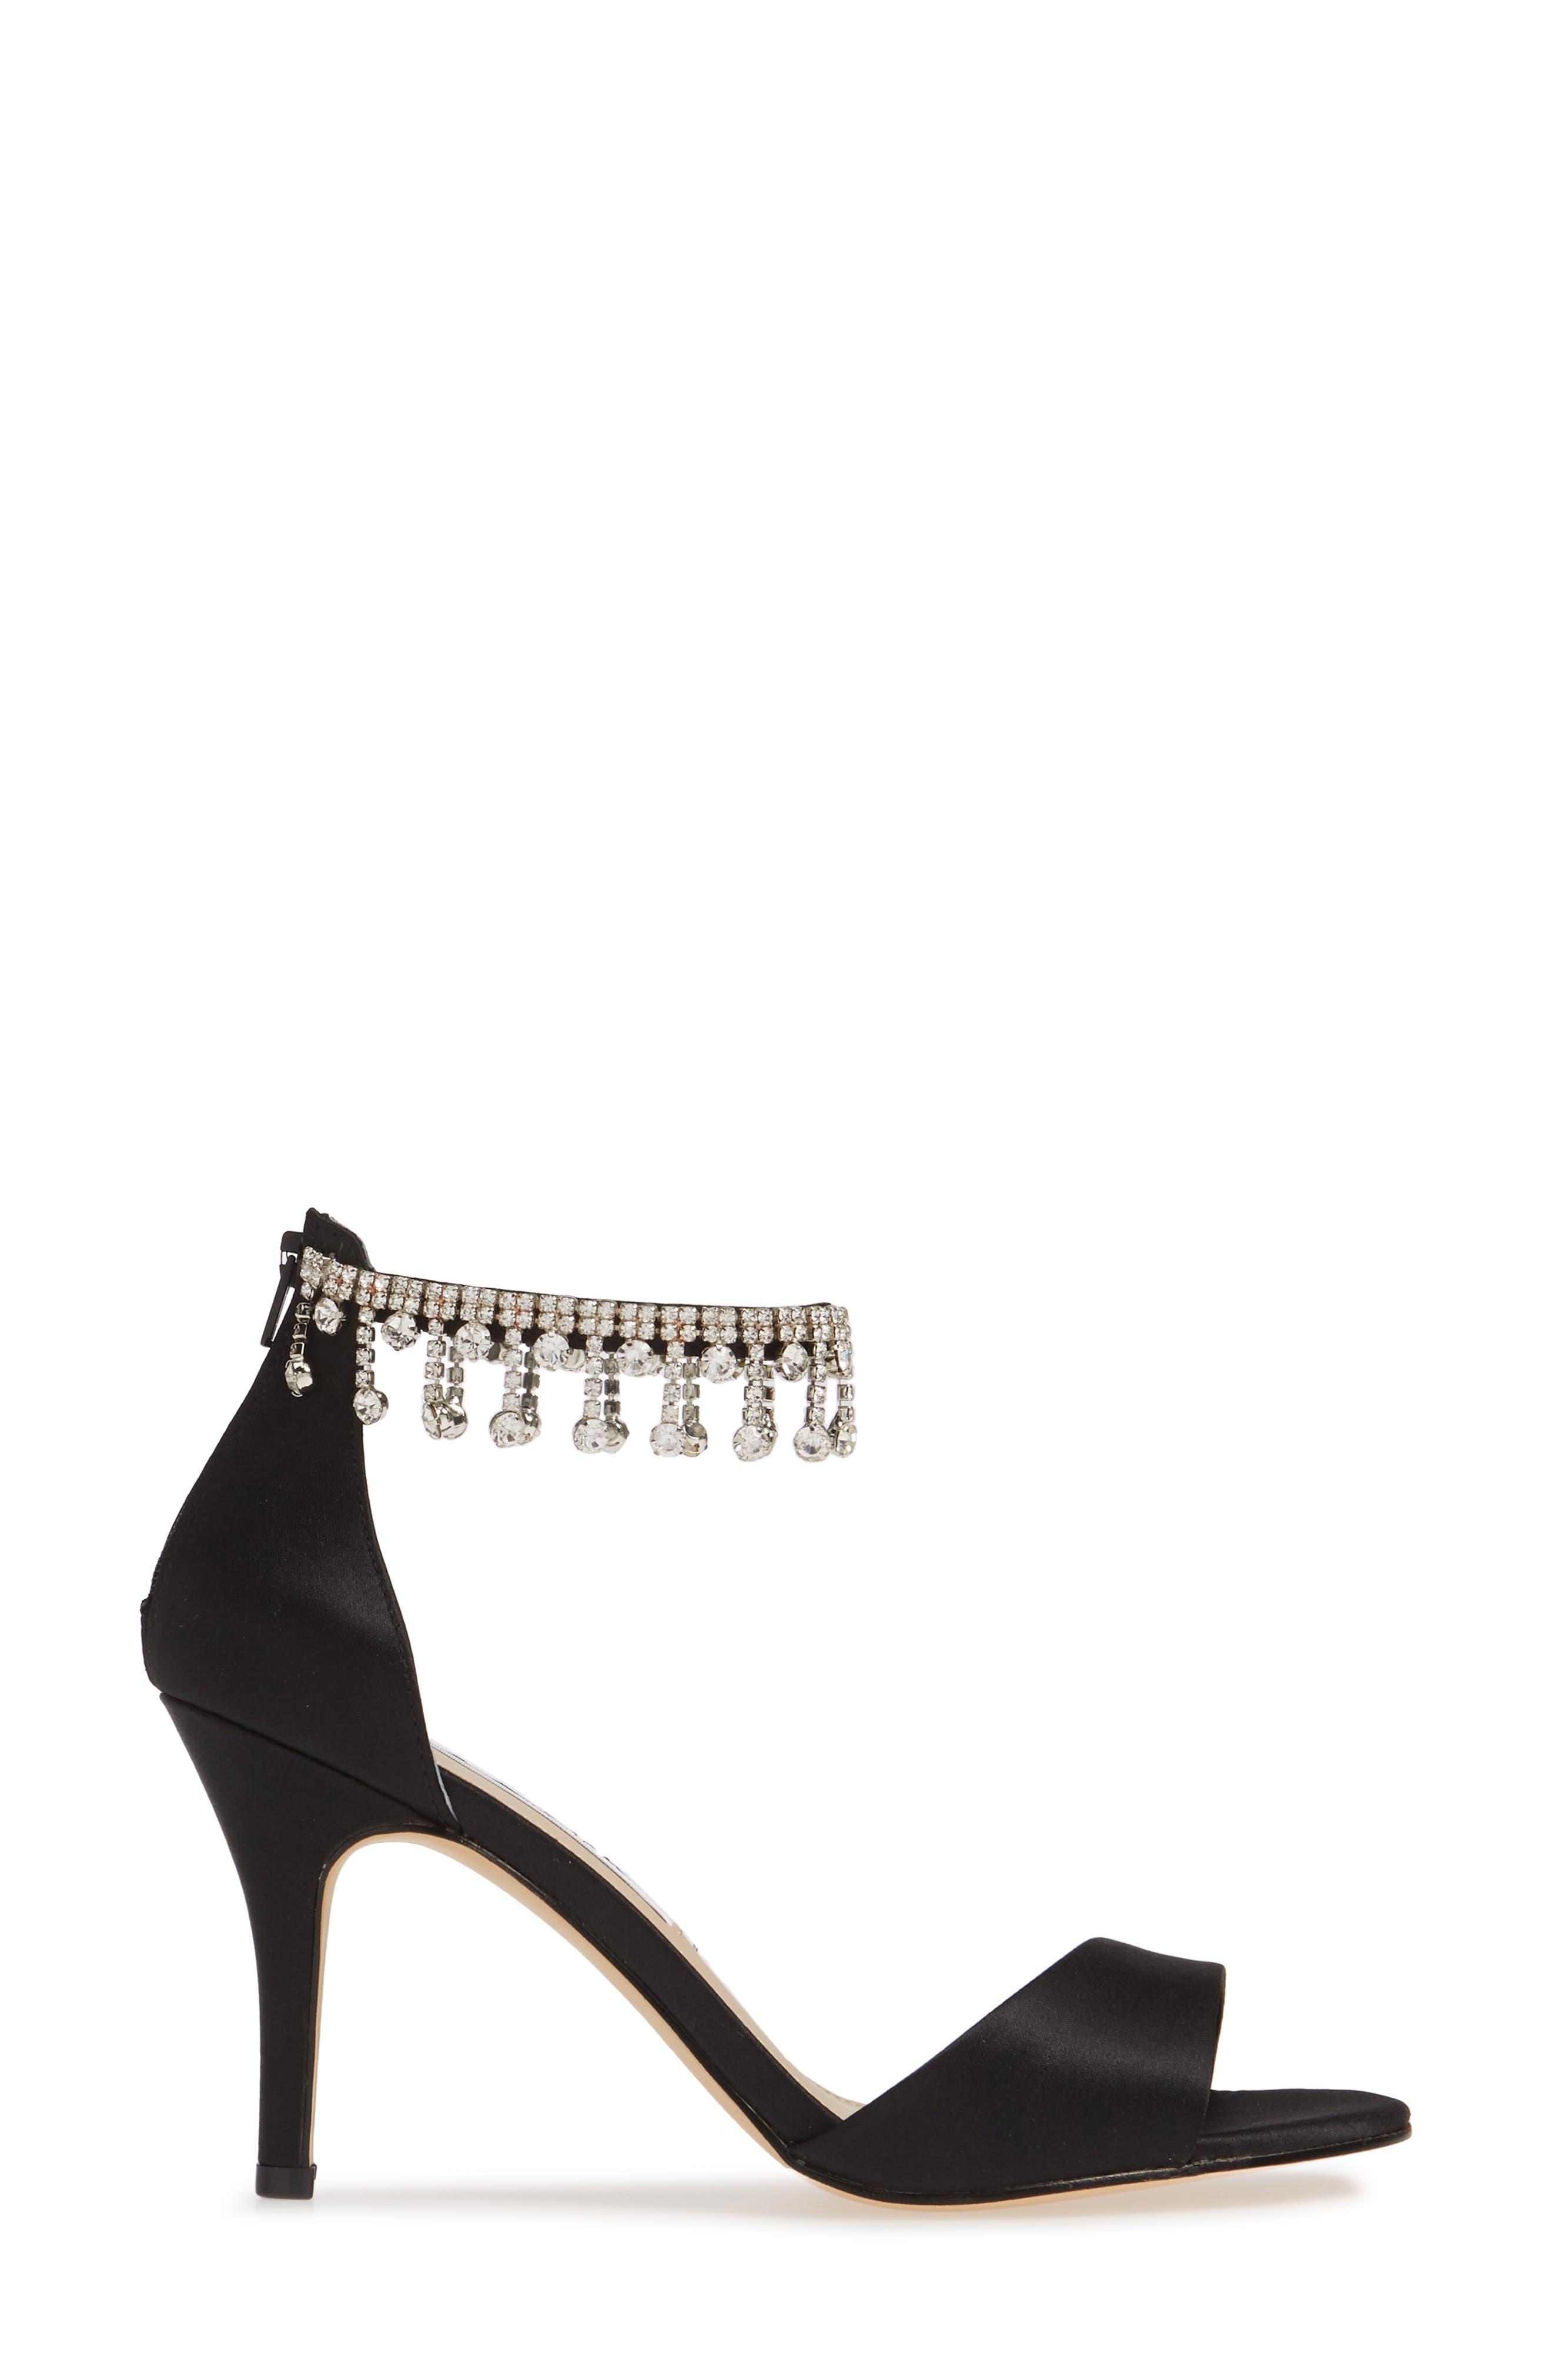 Vera Embellished Ankle Strap Sandal,                             Alternate thumbnail 3, color,                             BLACK SATIN